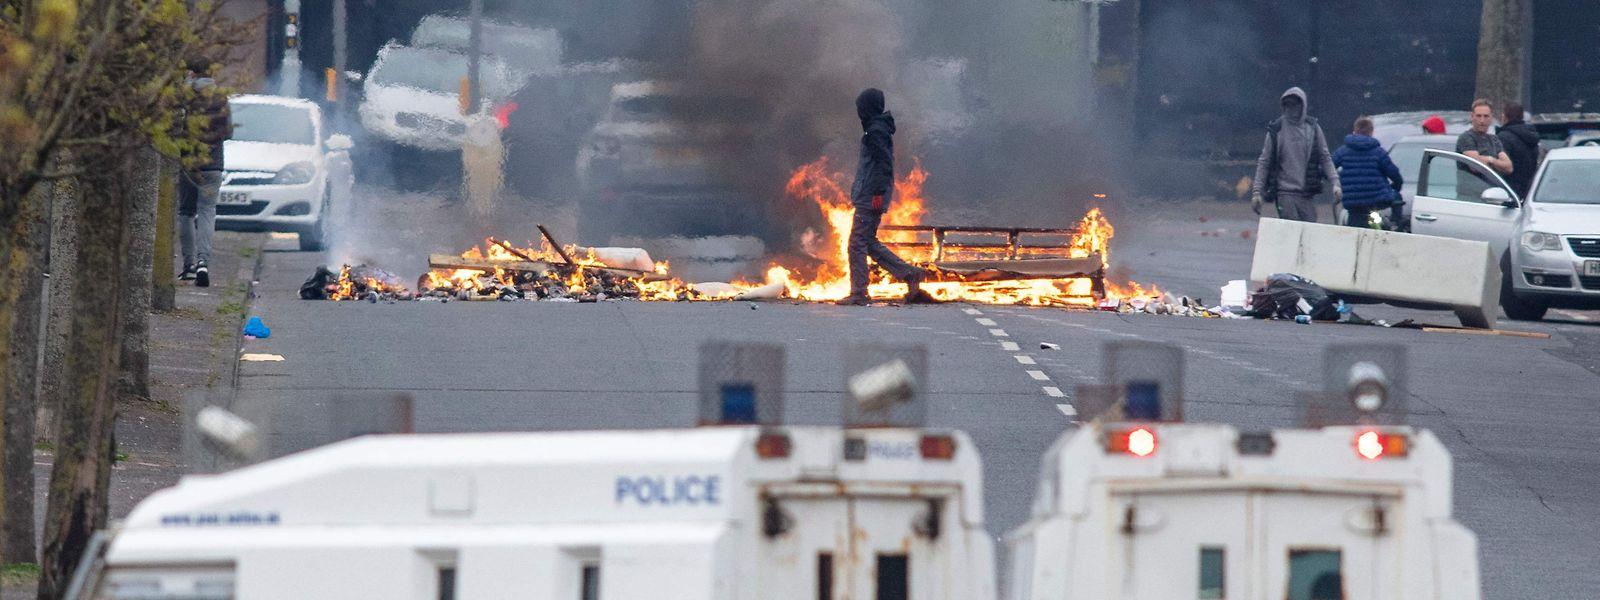 In den vergangenen Wochen kam es immer wieder zu gewaltsamen Auseinandersetzungen in Nordirland. Grund ist der schwelende Streit um Grenzfragen.